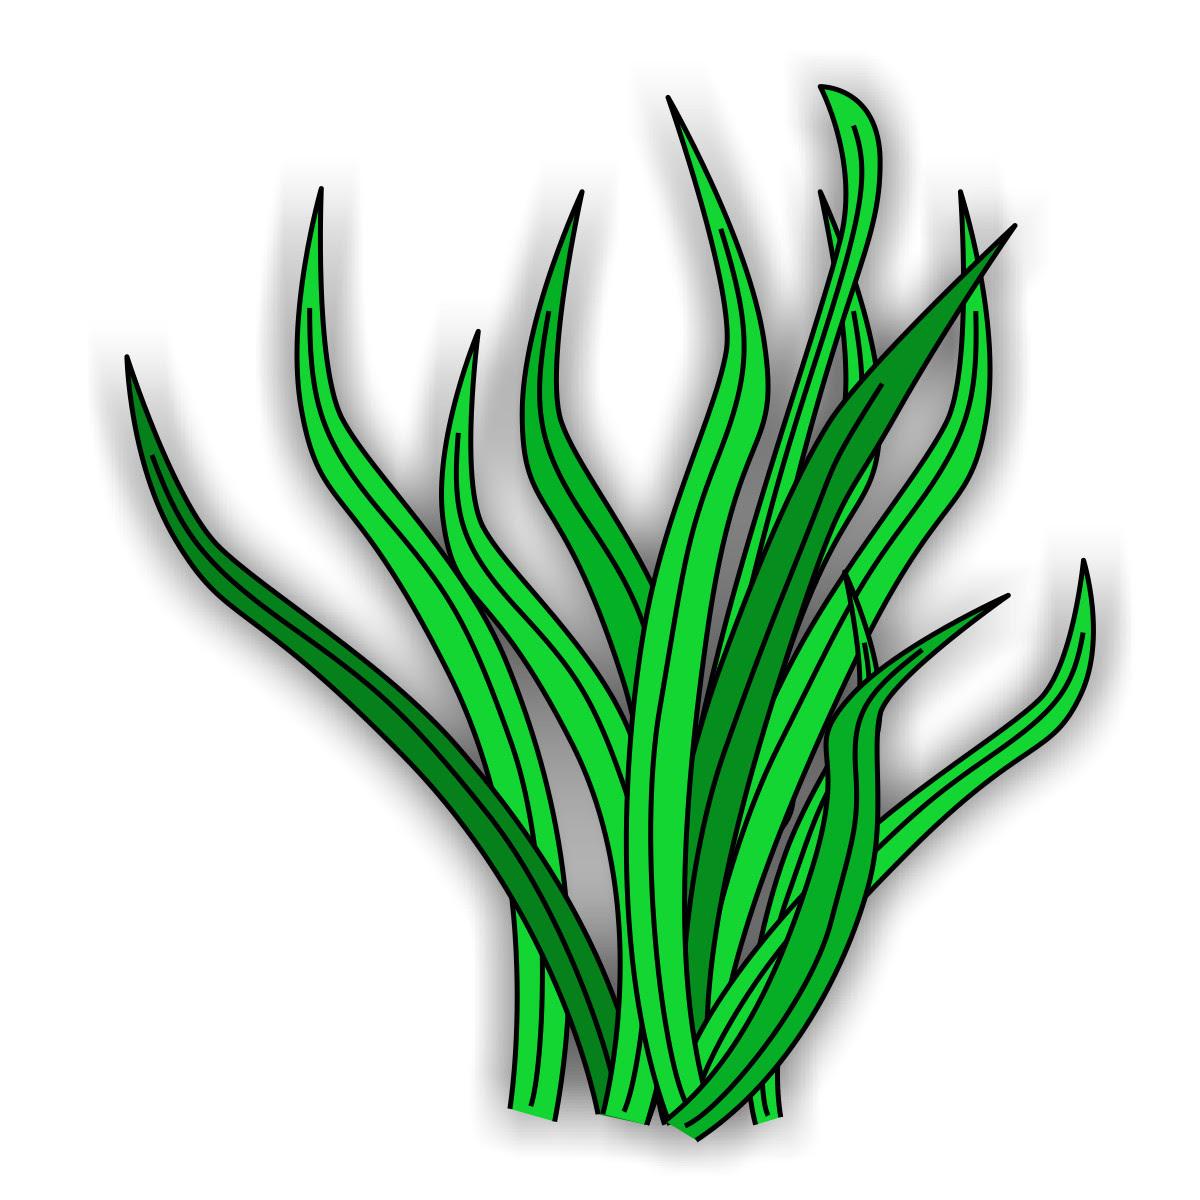 wasserpflanzen zum ausmalen  vorlagen zum ausmalen gratis